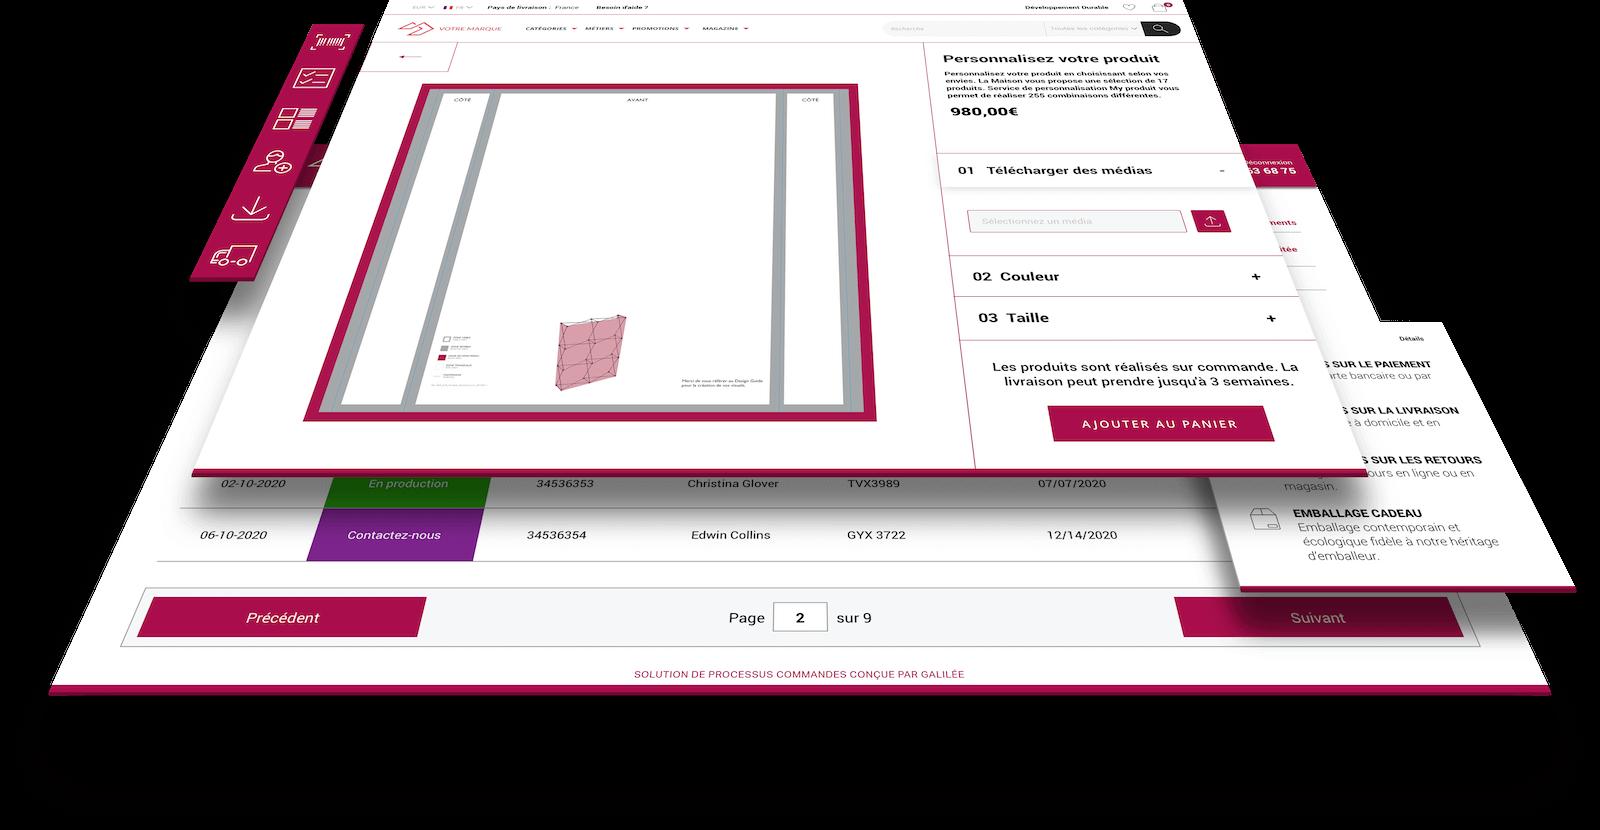 Galilée accompagne les entreprises dans la fabrication de produits personnalisés grâce au web to print.